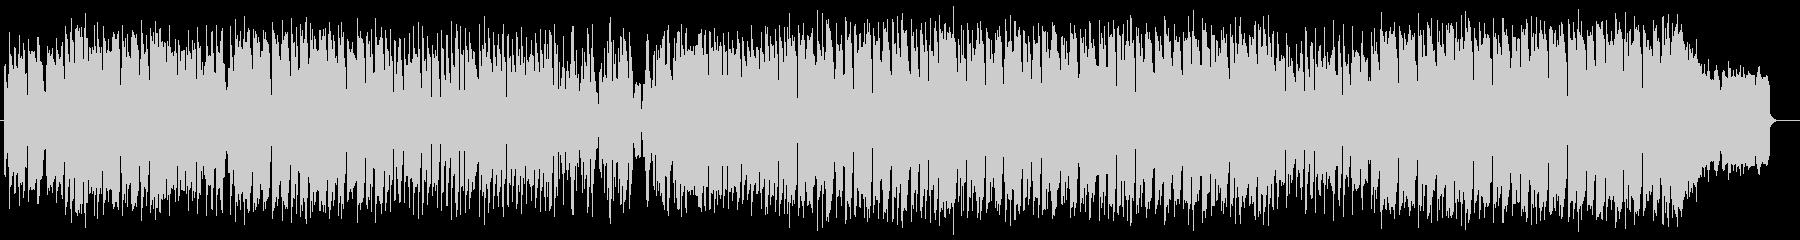 メローでキャッチ―なエレキサウンドの未再生の波形